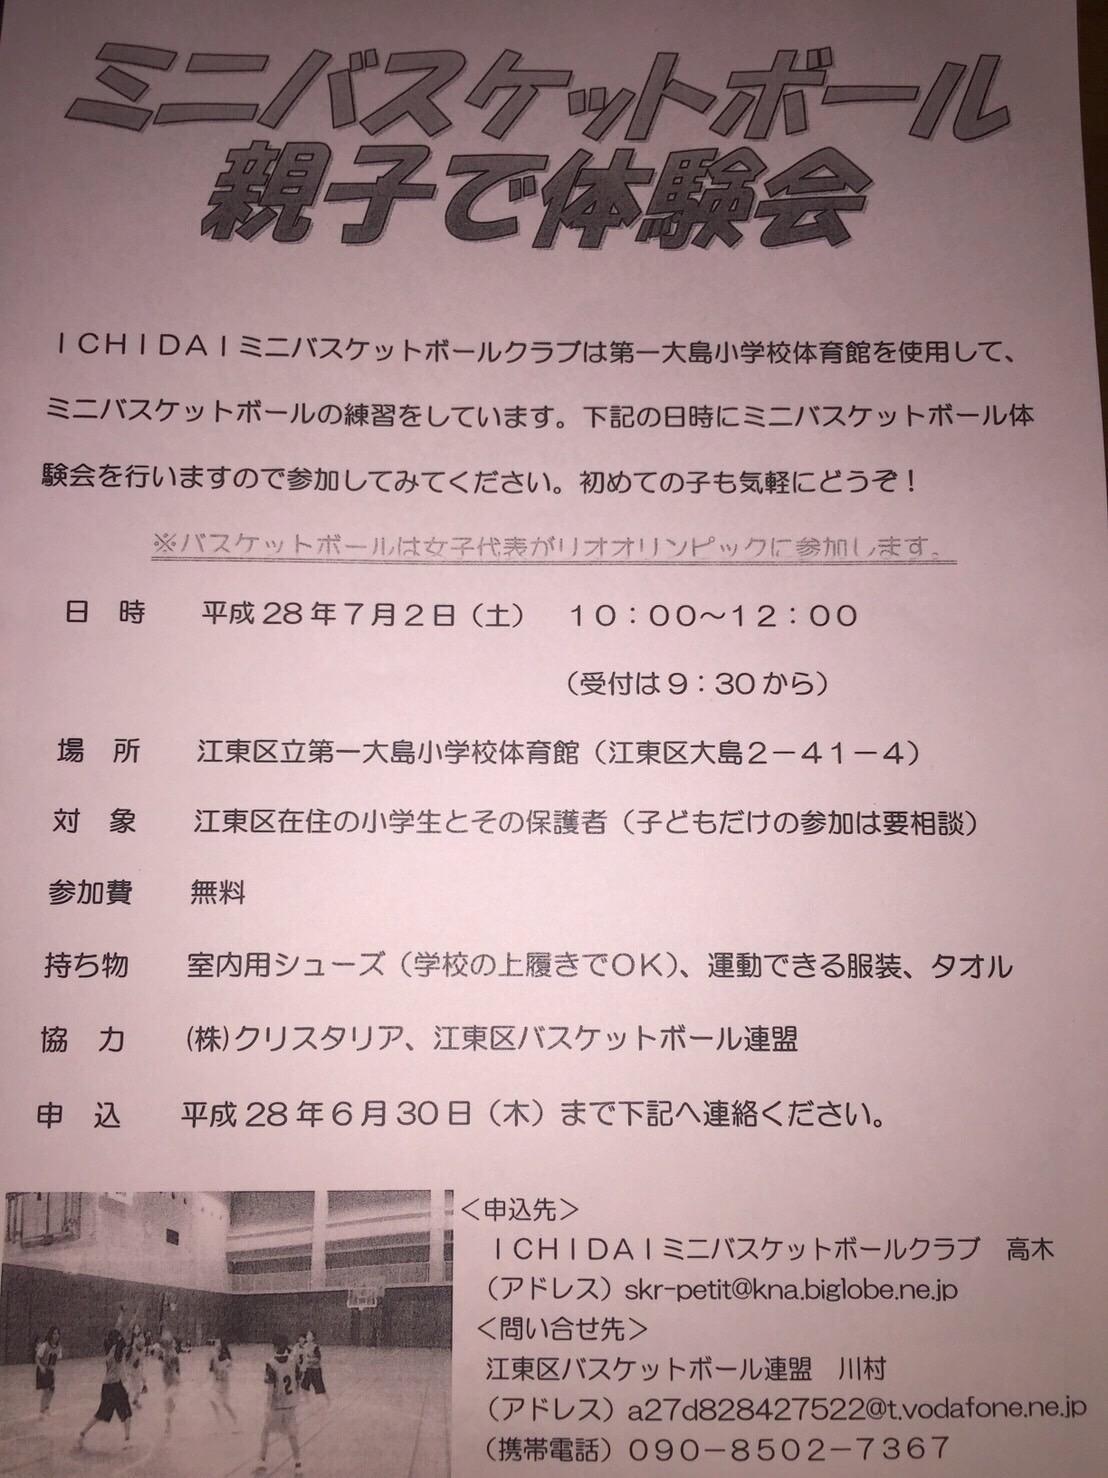 7/2(土)に第一大島小学校の体育館でICHIDAIミニバス